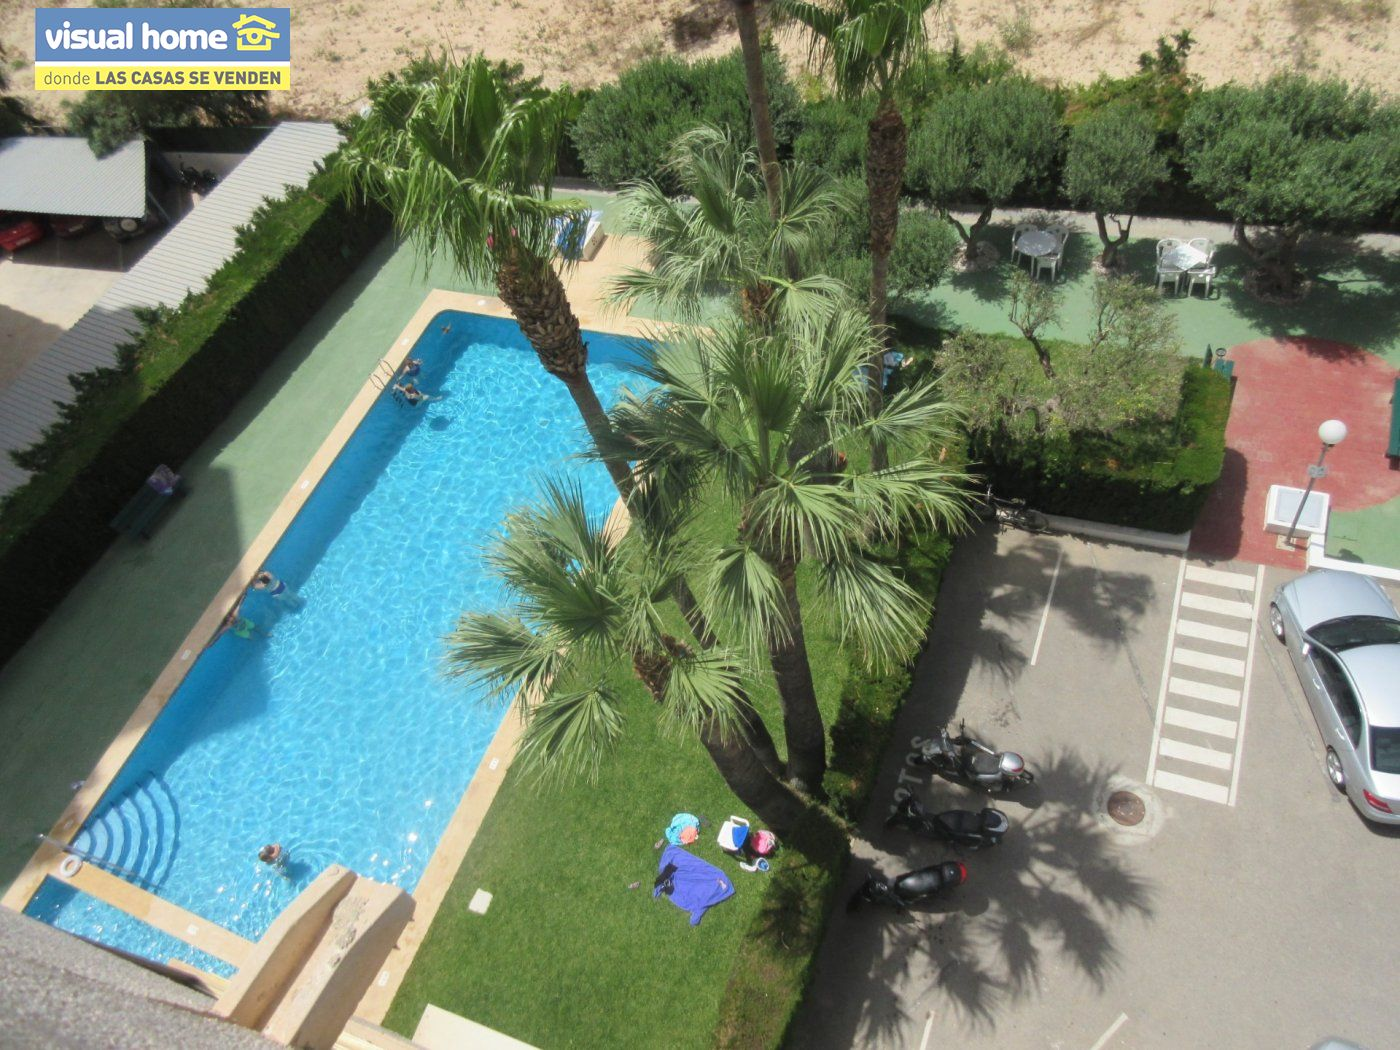 ¡¡¡ Oportunidad !!! Apartamento zona Levante de un dormitorio con parking y piscina